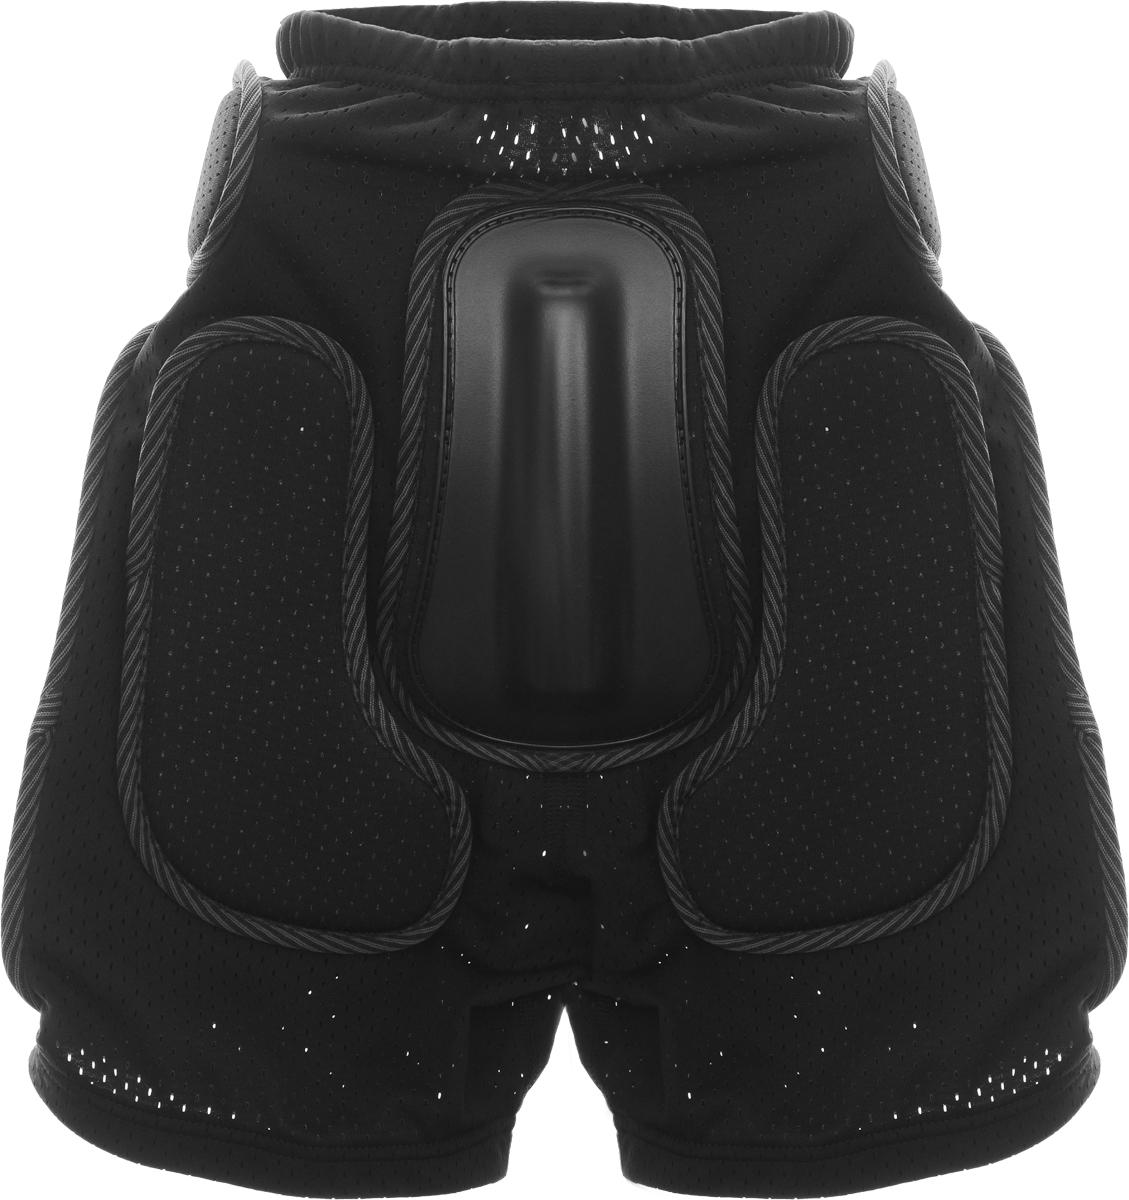 Шорты защитные Biont Комфорт, цвет: черный, размер 2XSCWK 7646 (168)Защитные шорты Biont Комфорт - это необходимая часть снаряжения сноубордистов, любителей экстремального катания на роликах, байкеров, фанатов зимнего кайтинга. Шорты изготовлены из мягкой эластичной потовыводящей сетки с хорошей воздухопроницаемостью под накладками без остаточной деформации.Для обеспечения улучшенной вентиляции в шортах используется дышащая сетка спейсер. Комфортные защитные шорты Biont Комфорт идеальный выбор для любителей экстремального спорта. Толщина пластиковых накладок: 8-12 мм.